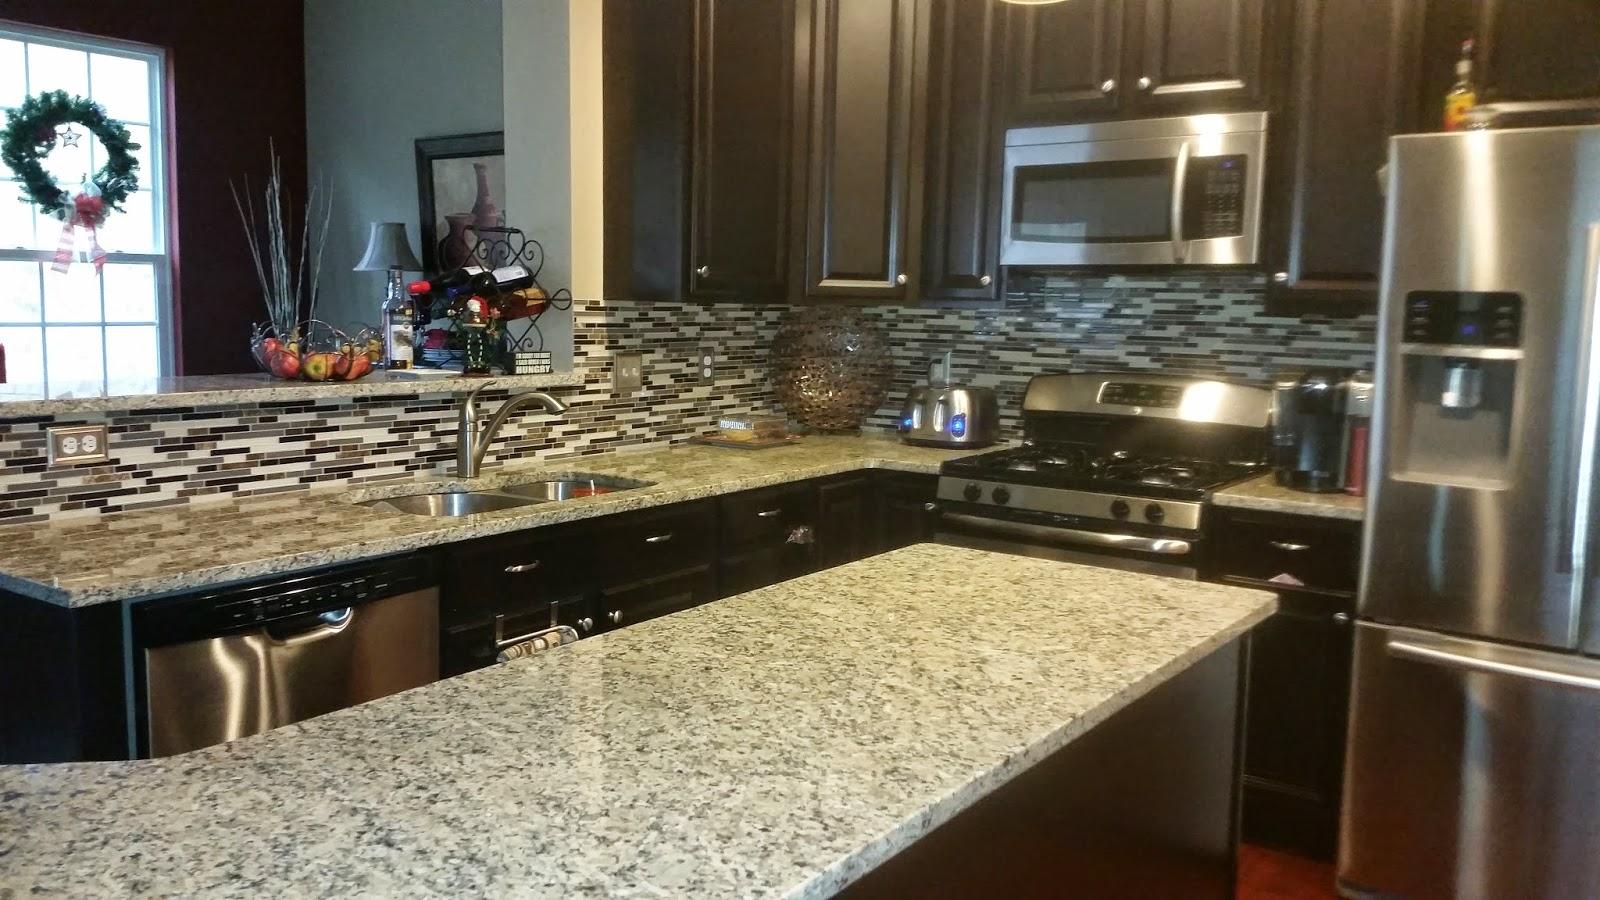 savoy ryan home kitchen bling for xmas aka new backsplash